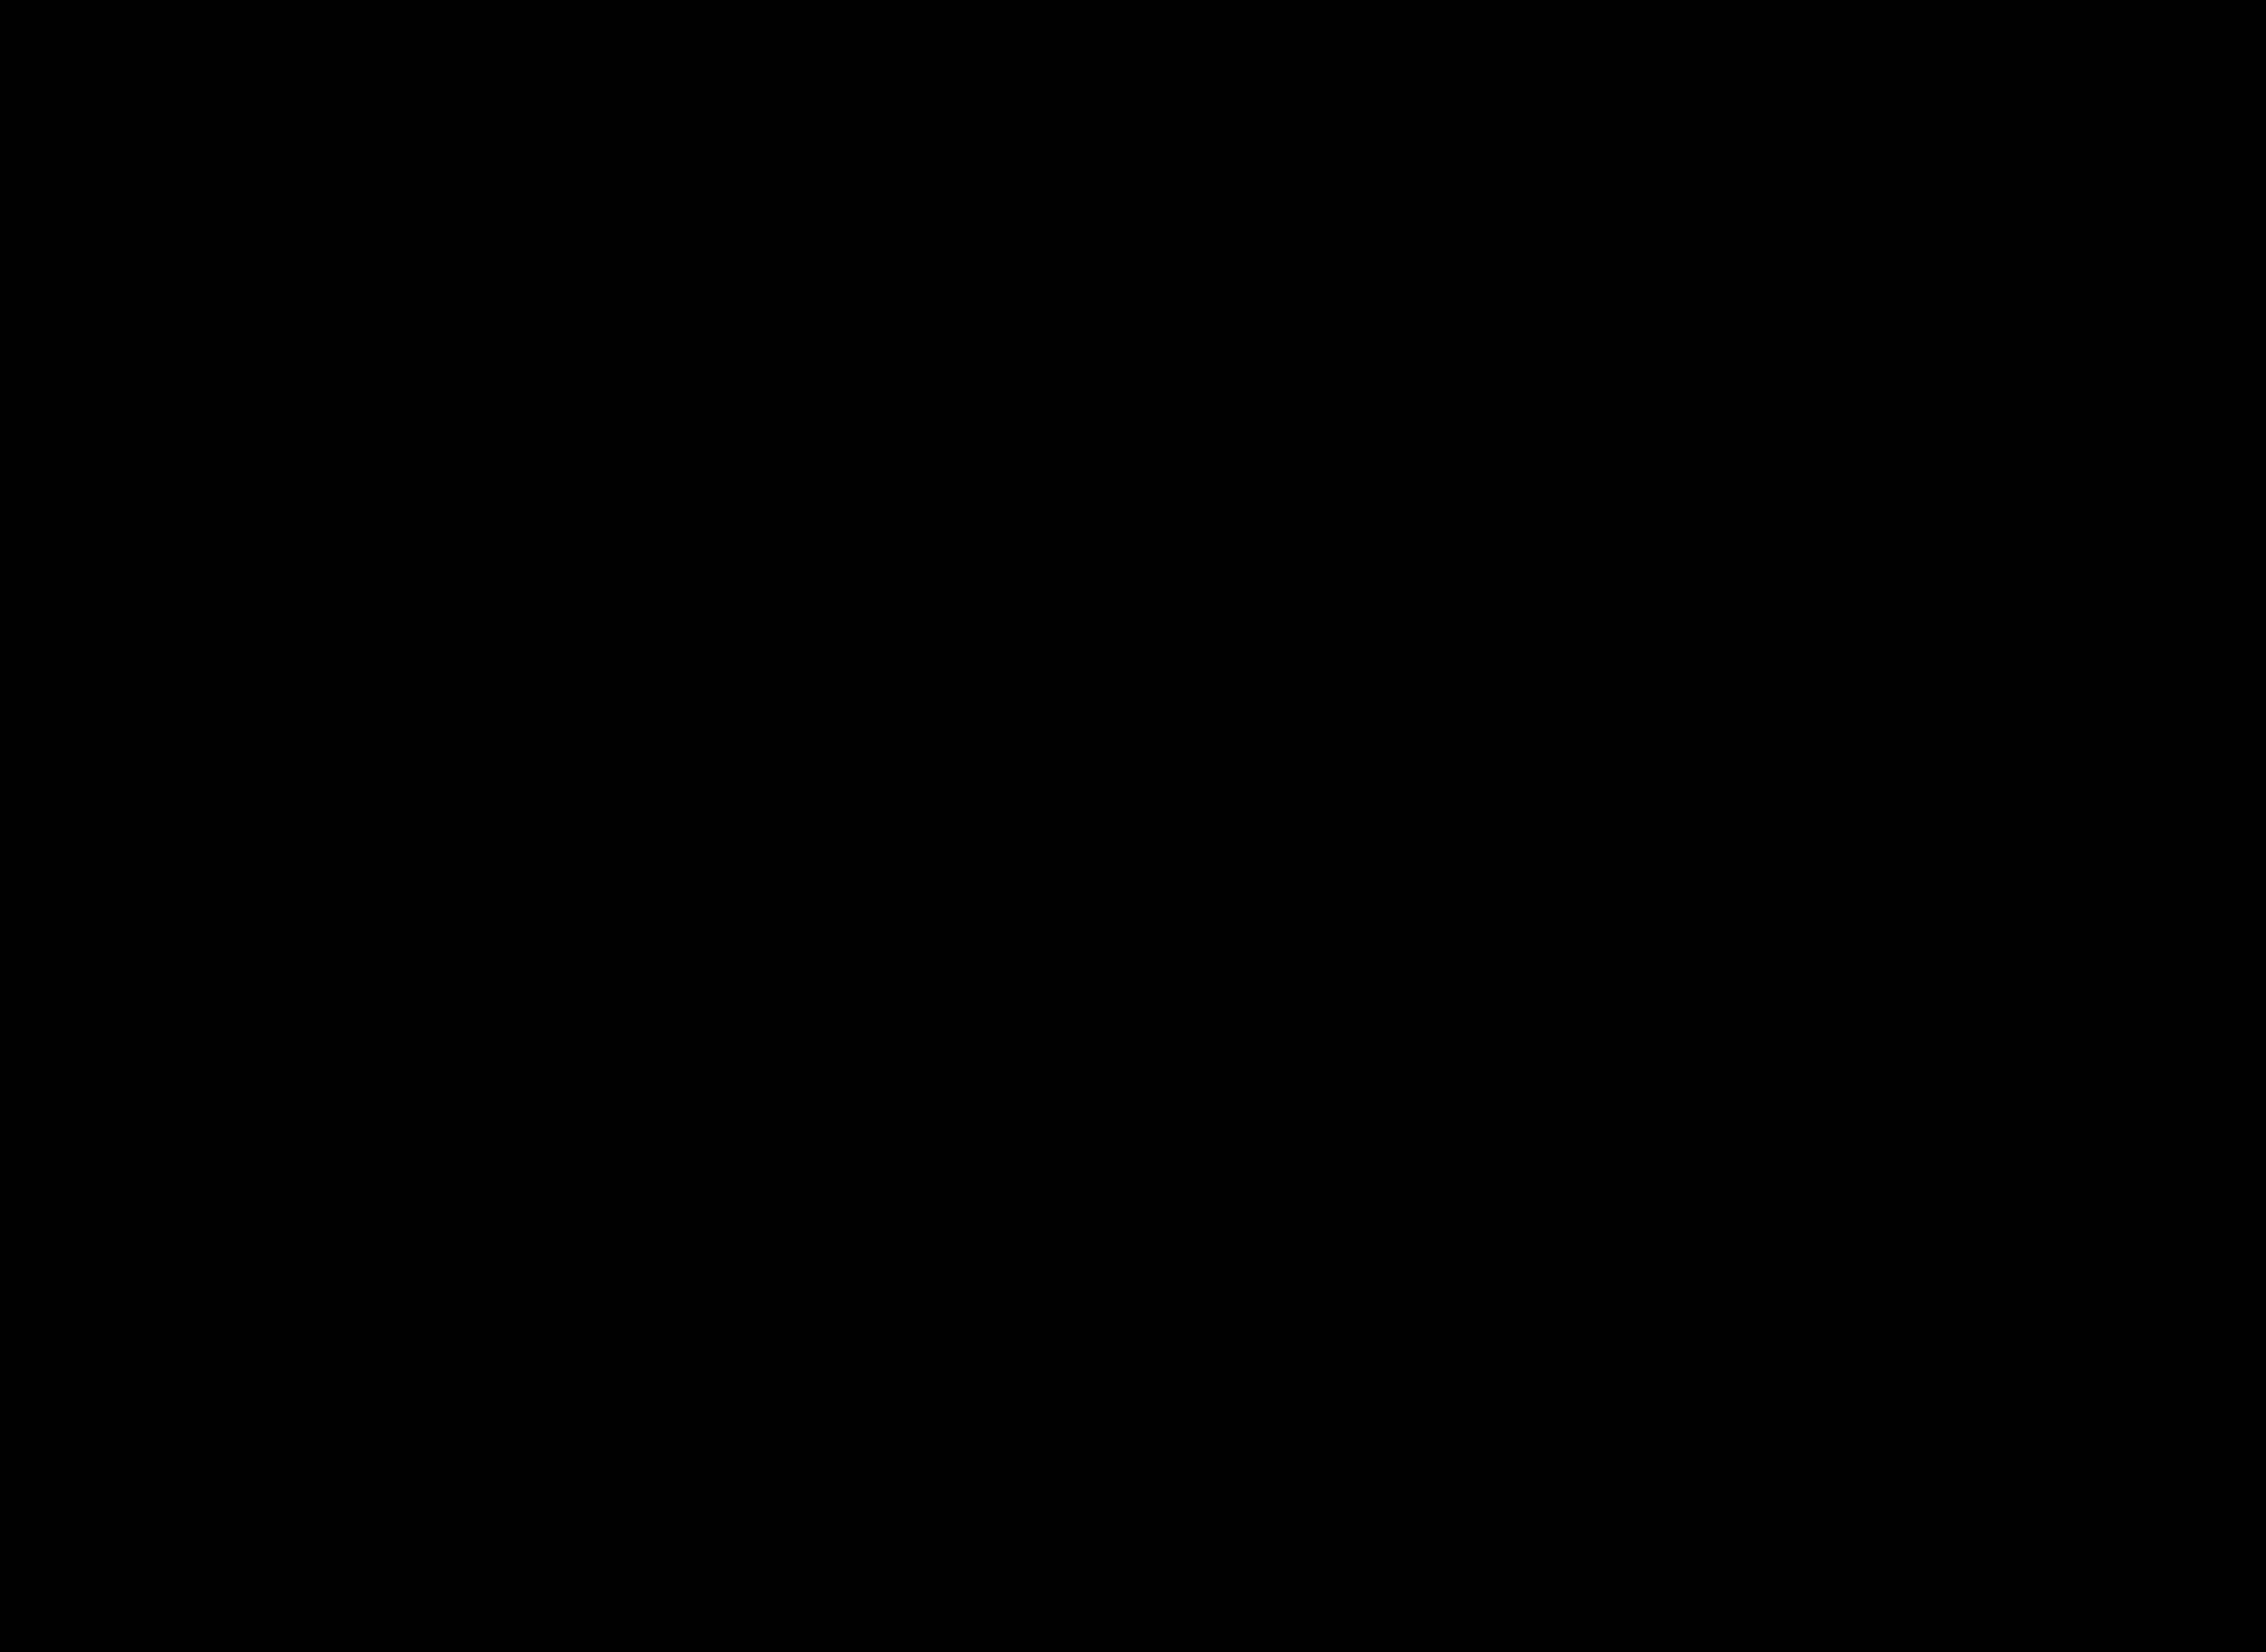 Plan zone bleue DV